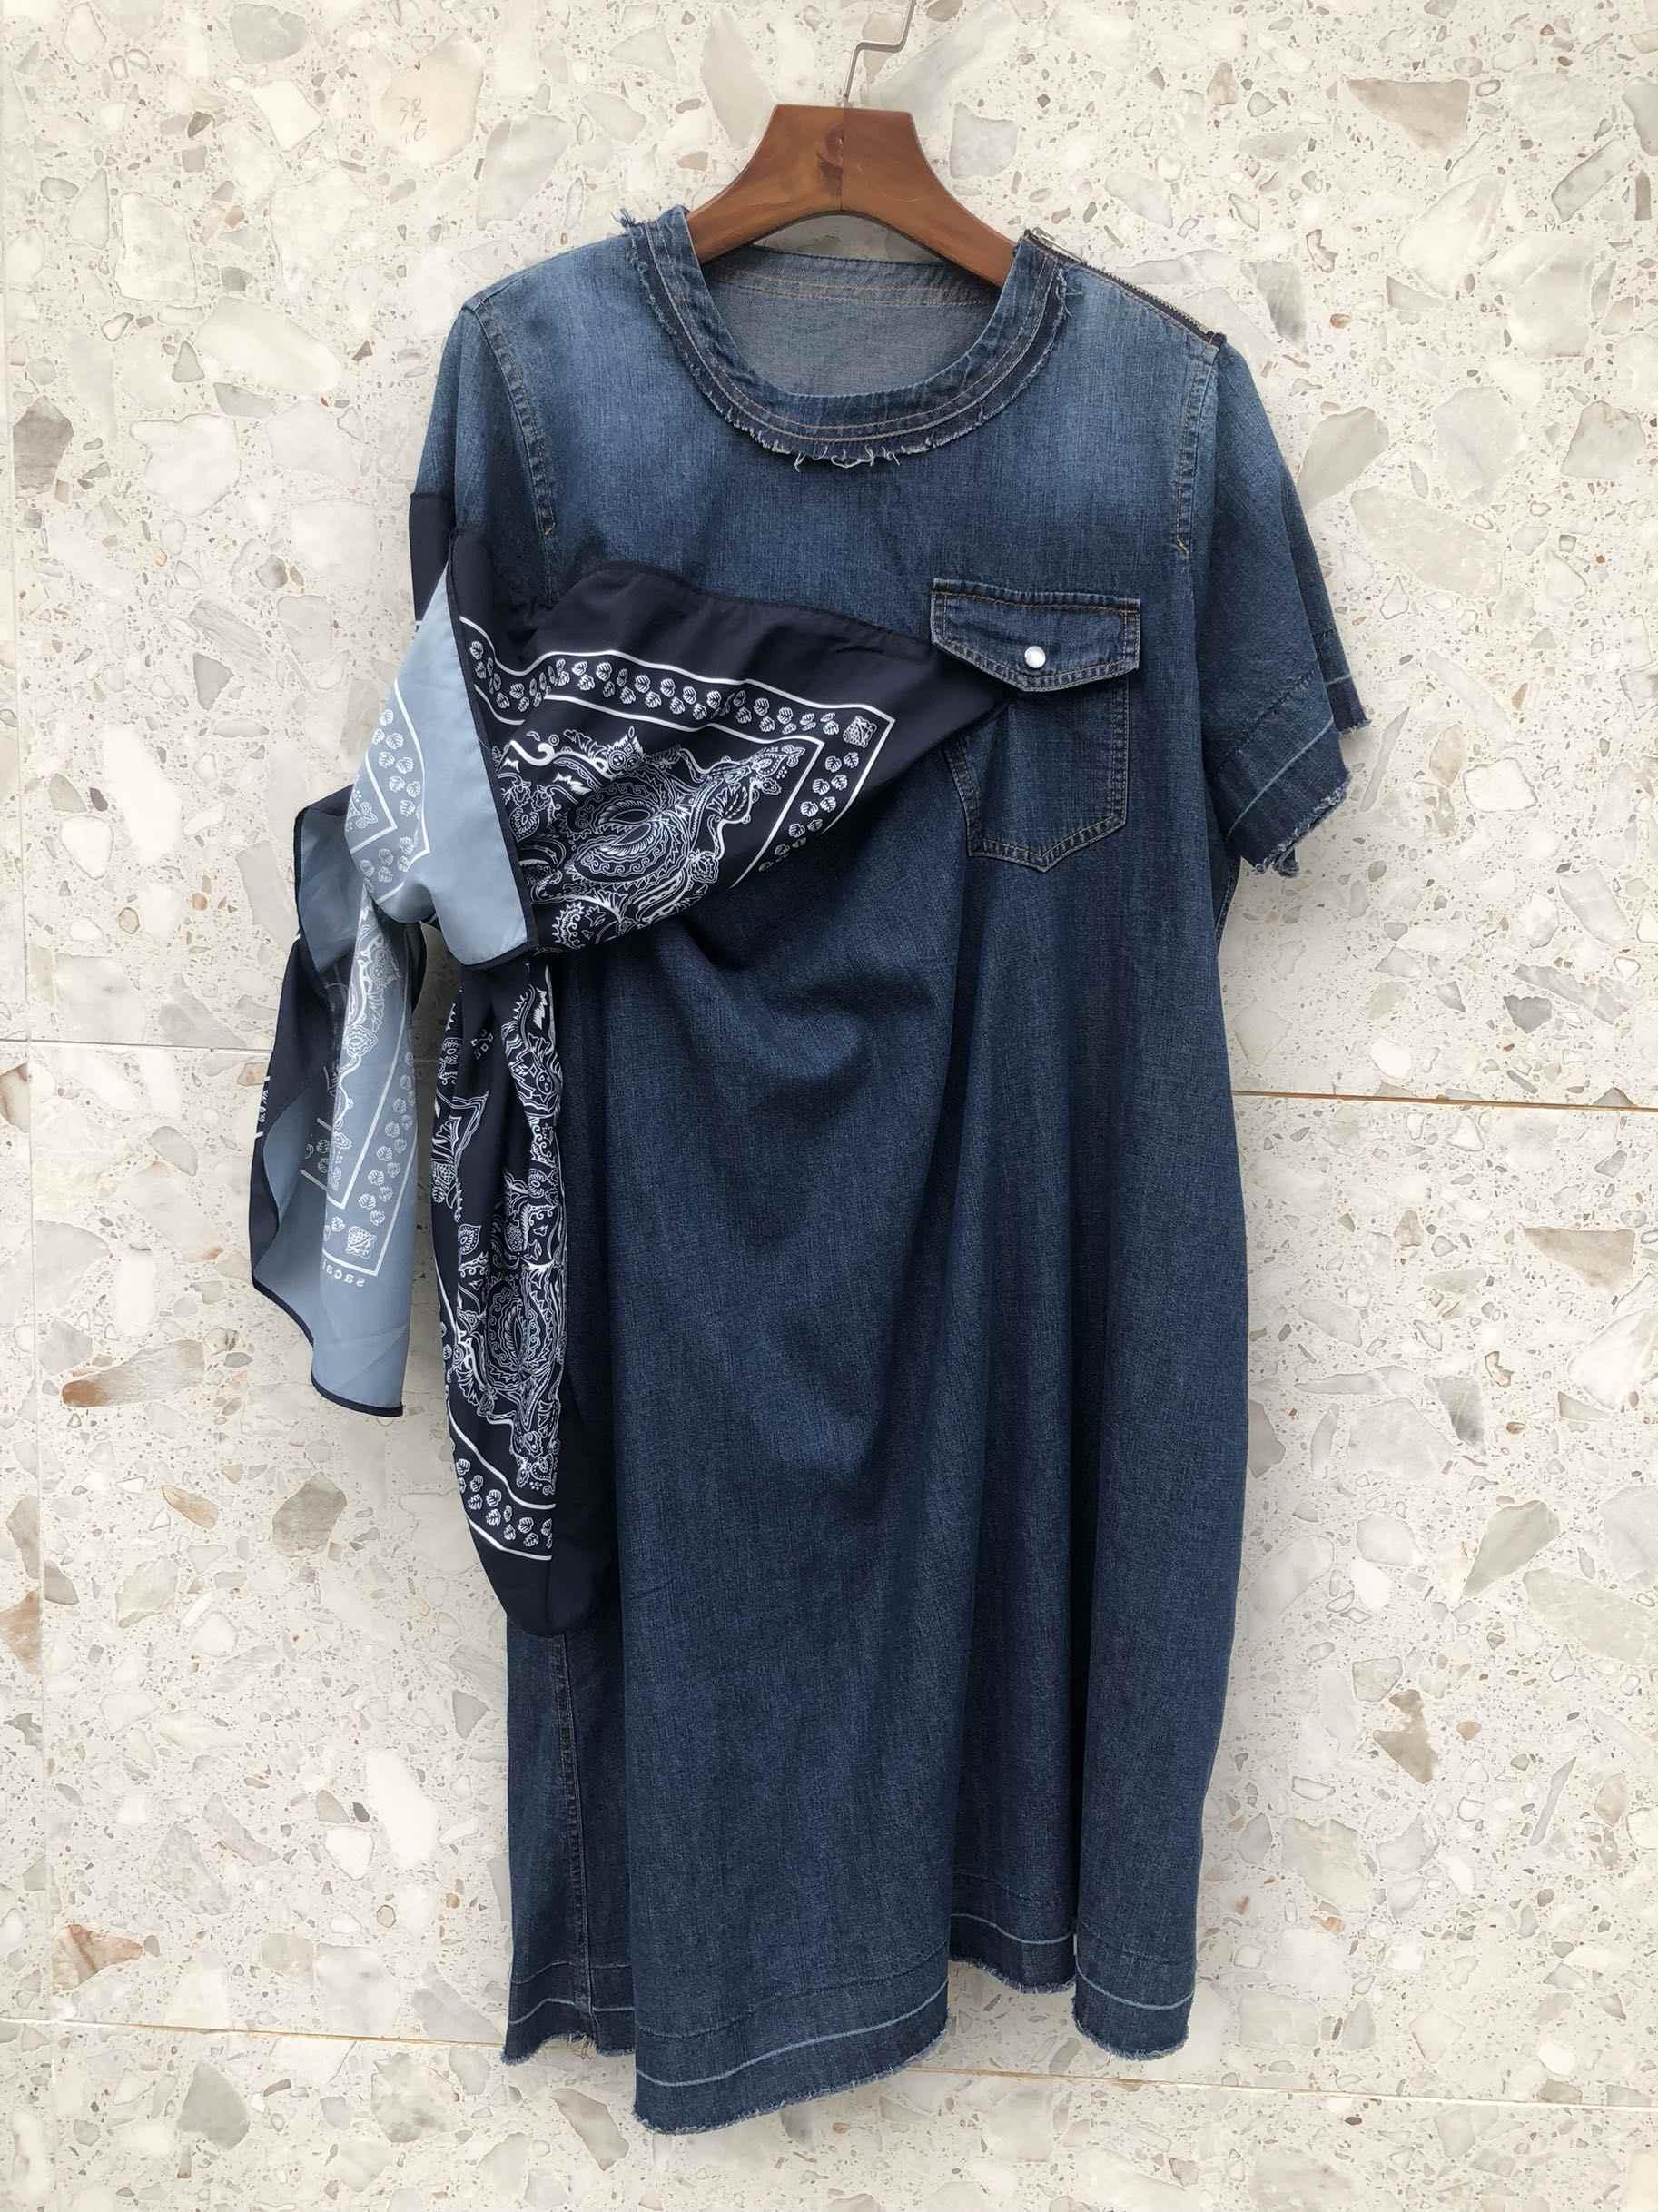 SuperAen/летнее и весеннее Новое джинсовое платье для женщин с коротким рукавом, повседневное женское платье с принтом, модная женская одежда в европейском стиле